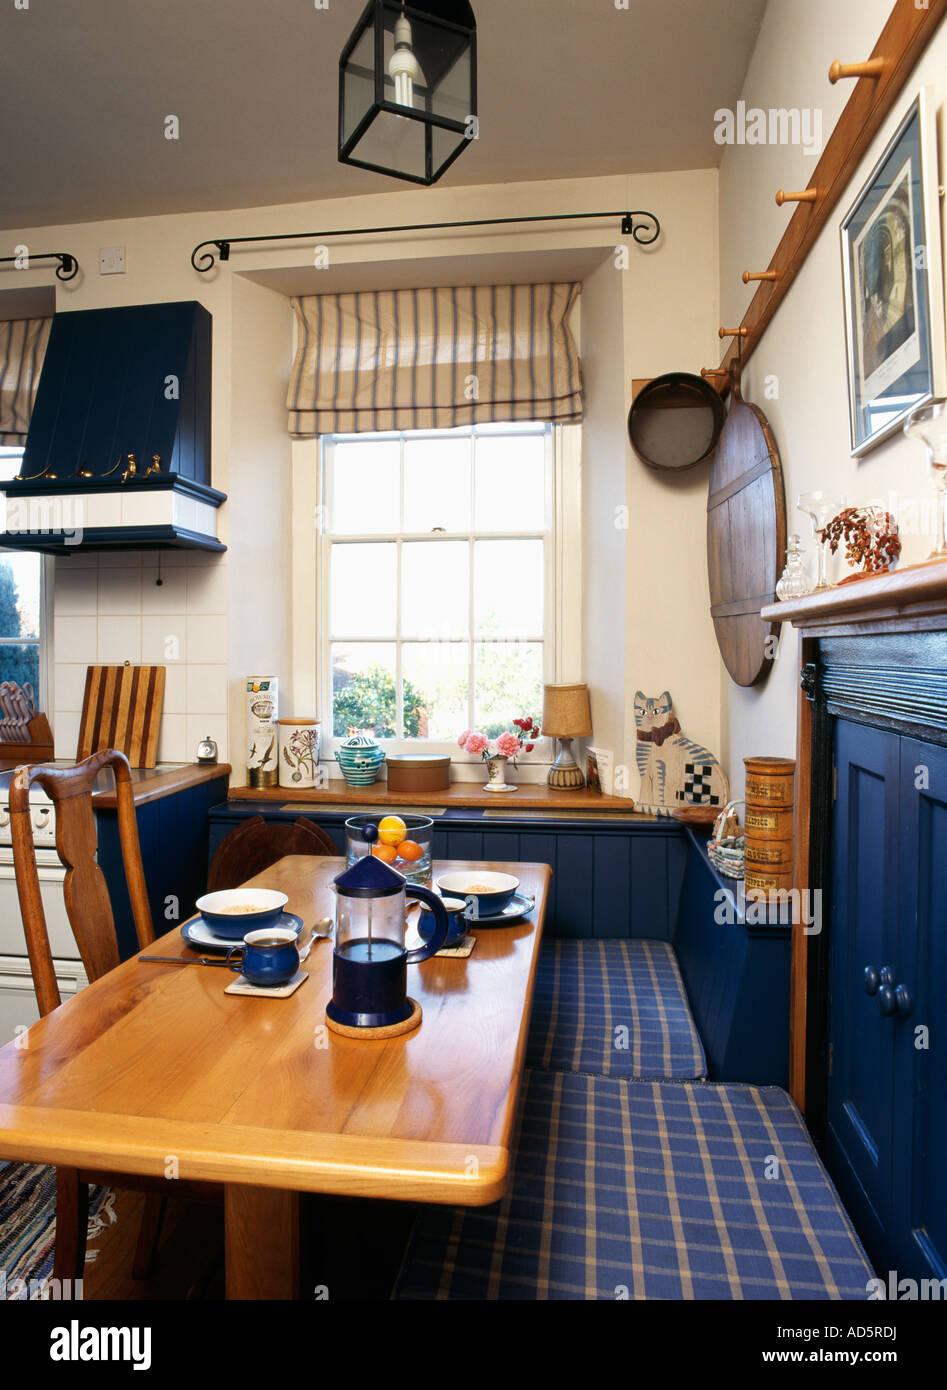 Cuscini Per Panche Cucina.Cafetiere E Tazze Sul Tavolo Di Legno Con Blue Controllare Cuscini